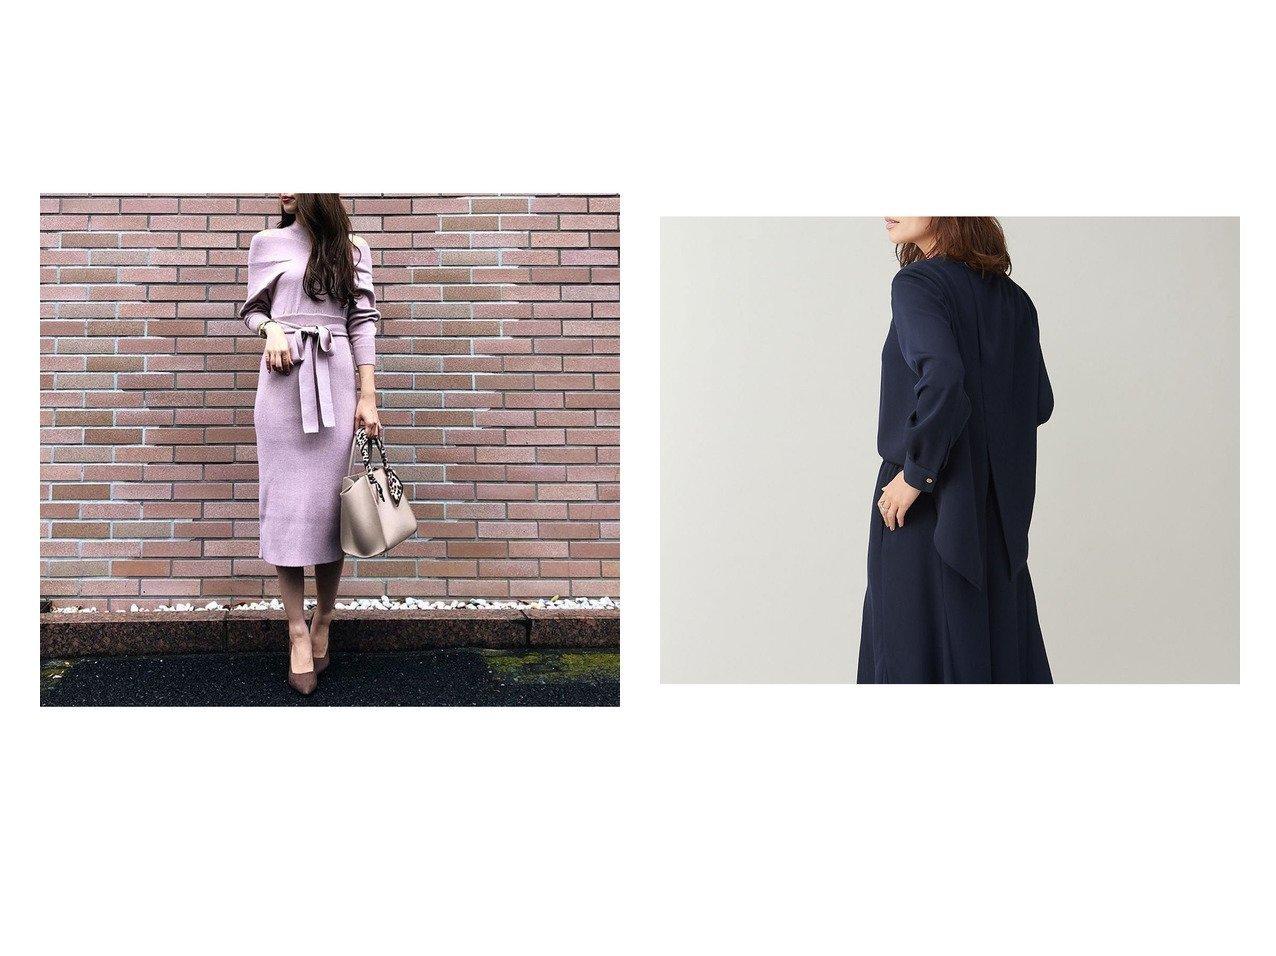 【qualite/カリテ】の【セットアップ対応】ピーチピケブラウス&【rienda/リエンダ】のLayered style Knit OP トップス・カットソーのおすすめ!人気、トレンド・レディースファッションの通販 おすすめで人気の流行・トレンド、ファッションの通販商品 メンズファッション・キッズファッション・インテリア・家具・レディースファッション・服の通販 founy(ファニー) https://founy.com/ ファッション Fashion レディースファッション WOMEN トップス Tops Tshirt ニット Knit Tops シャツ/ブラウス Shirts Blouses 2020年 2020 2020 春夏 S/S SS Spring/Summer 2020 S/S 春夏 SS Spring/Summer ショルダー リラックス 春 Spring サテン シンプル スリット セットアップ フレア ベーシック A/W 秋冬 AW Autumn/Winter / FW Fall-Winter 2020-2021 秋冬 A/W AW Autumn/Winter / FW Fall-Winter 2020-2021 |ID:crp329100000014847